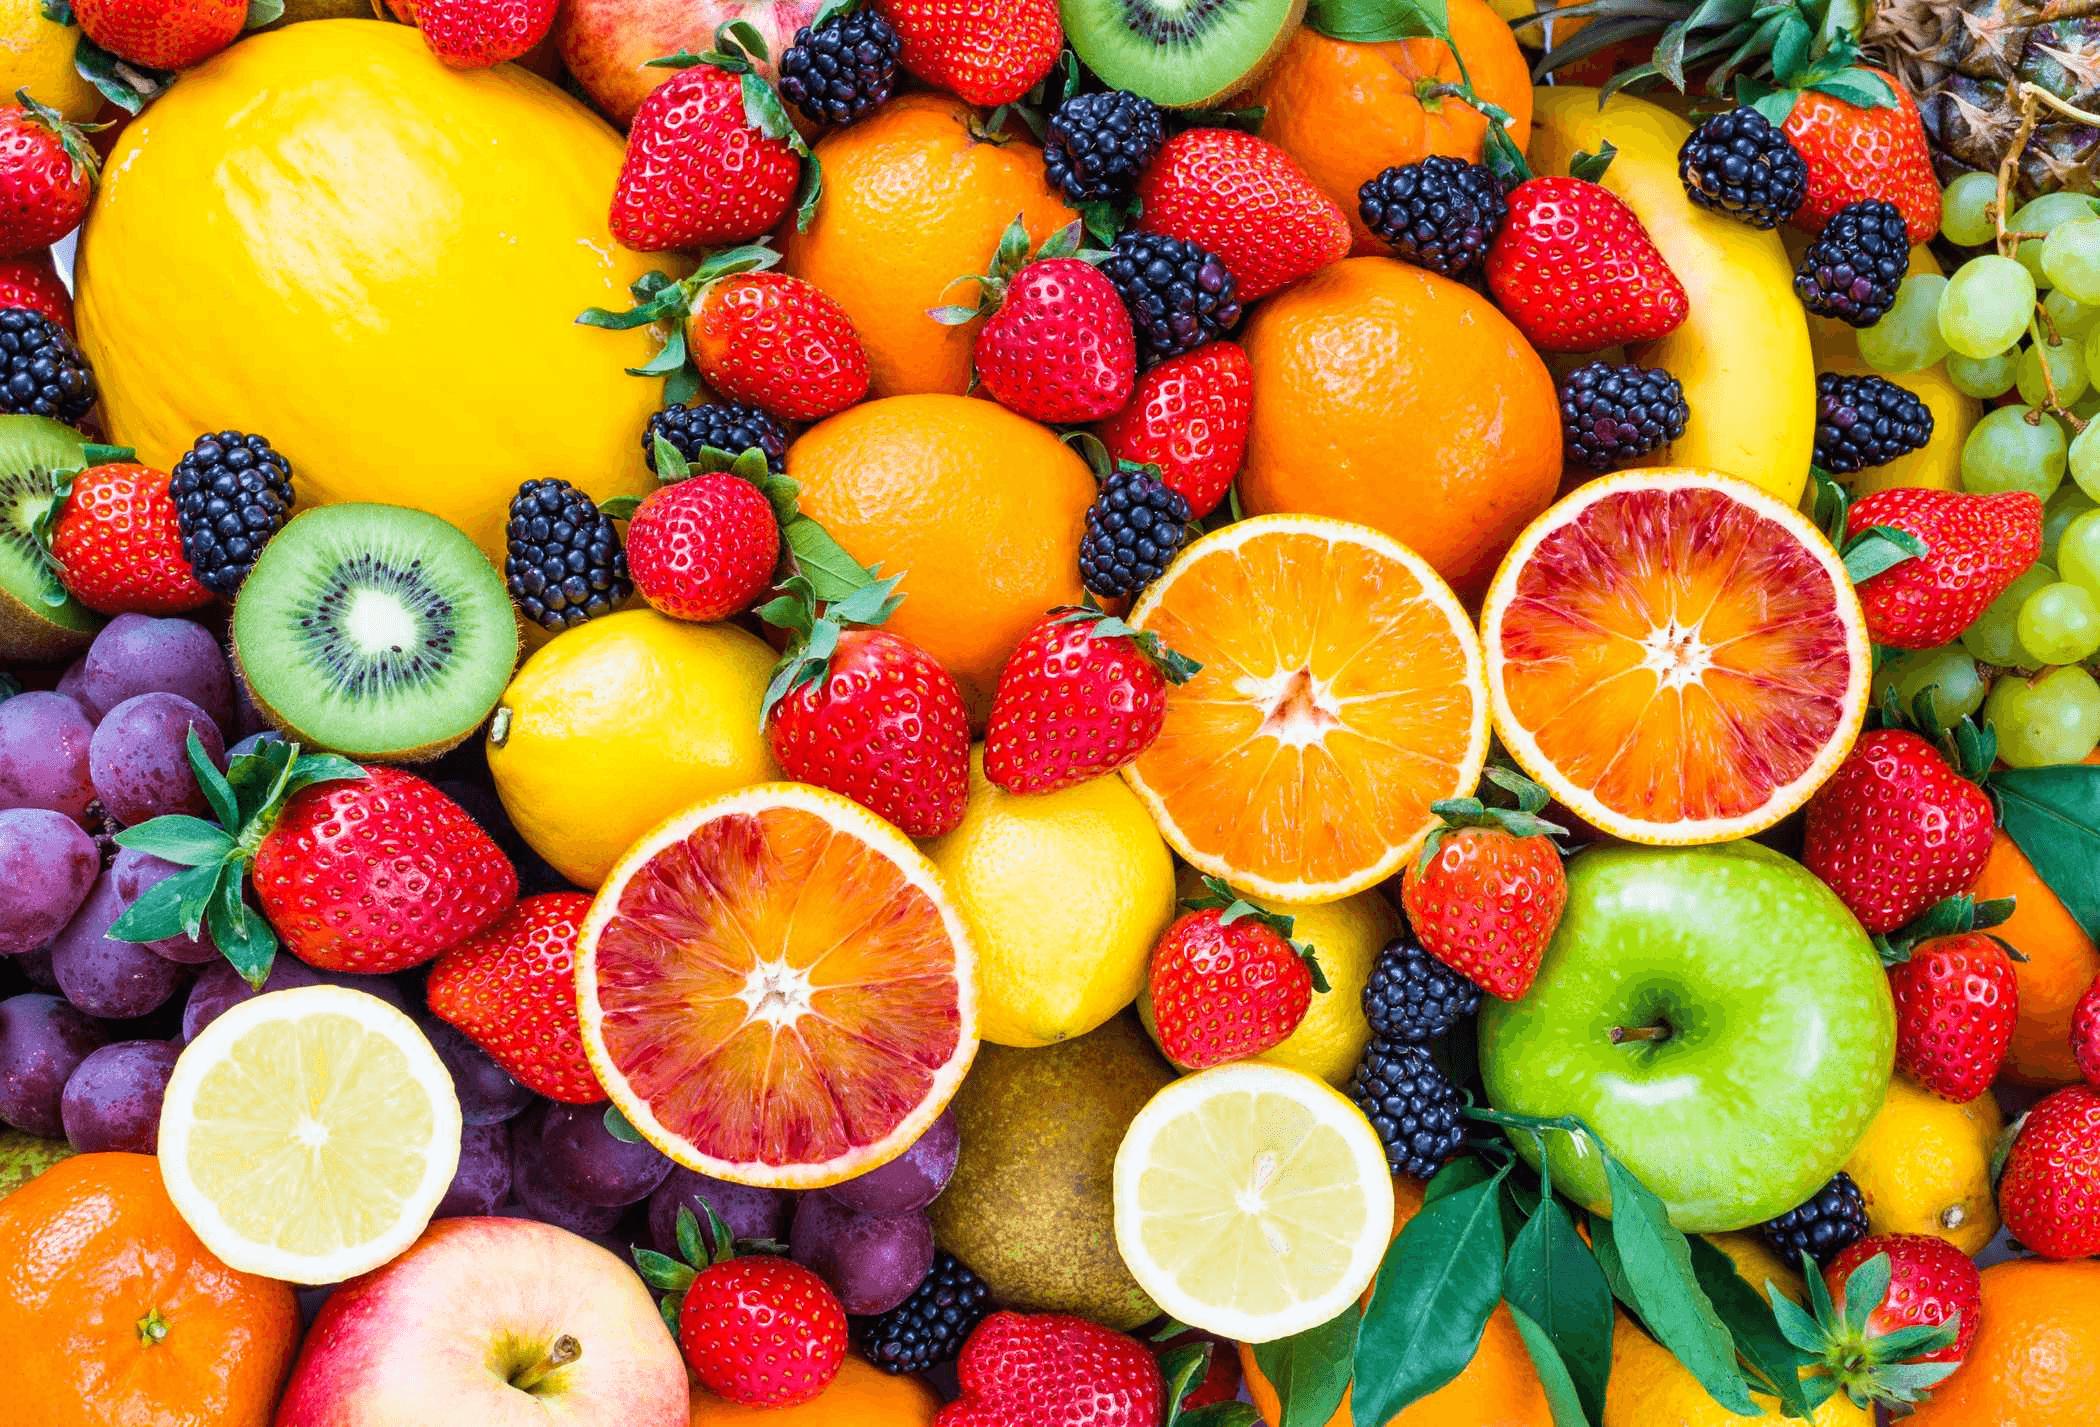 Tên các loại trái cây bằng tiếng Anh, bạn đã biết